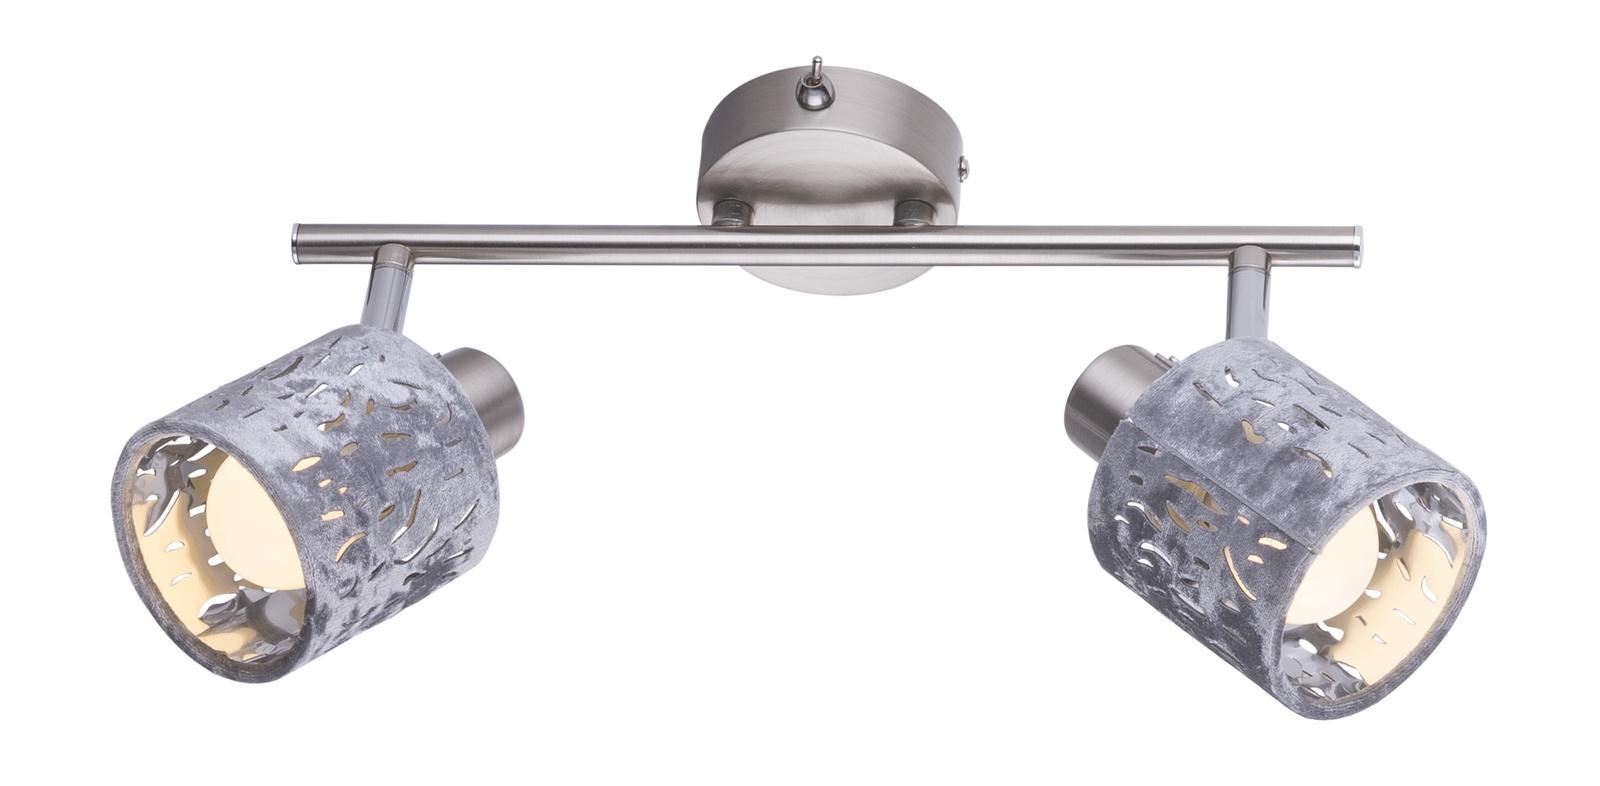 купить Настенно-потолочный светильник Настенно-потолочный светильник Alys по цене 4480 рублей